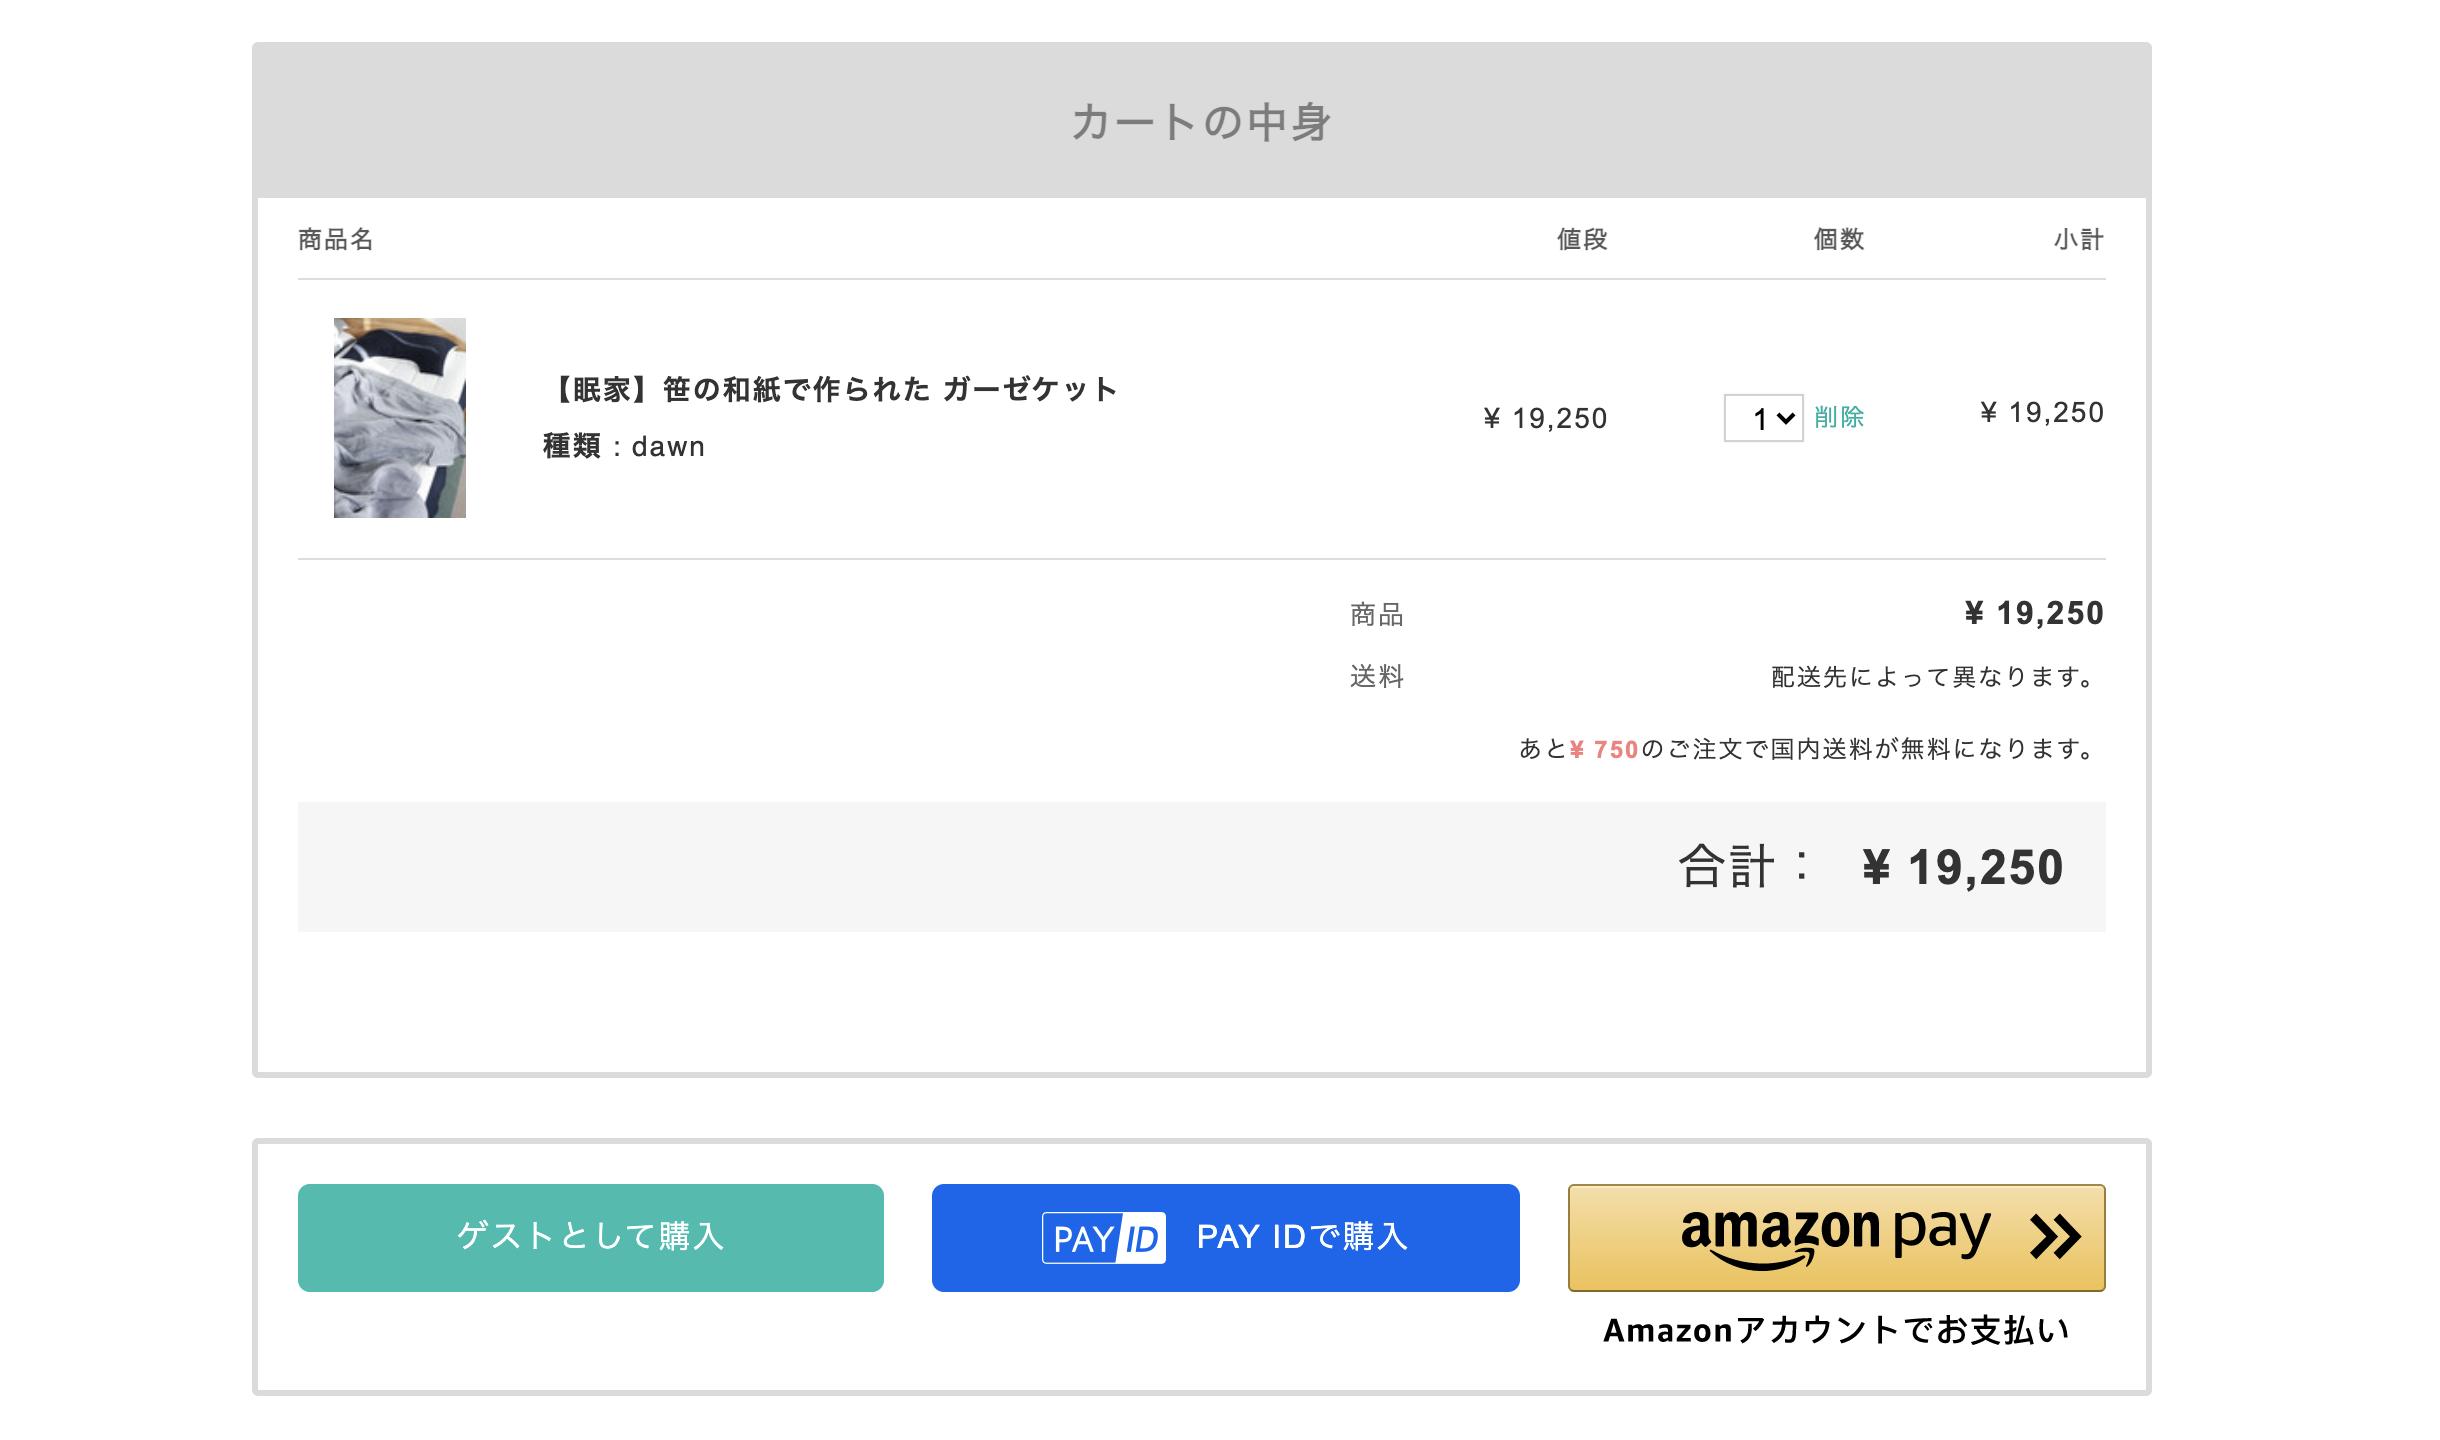 オンラインショップは Amazon Pay がご利用いただけます